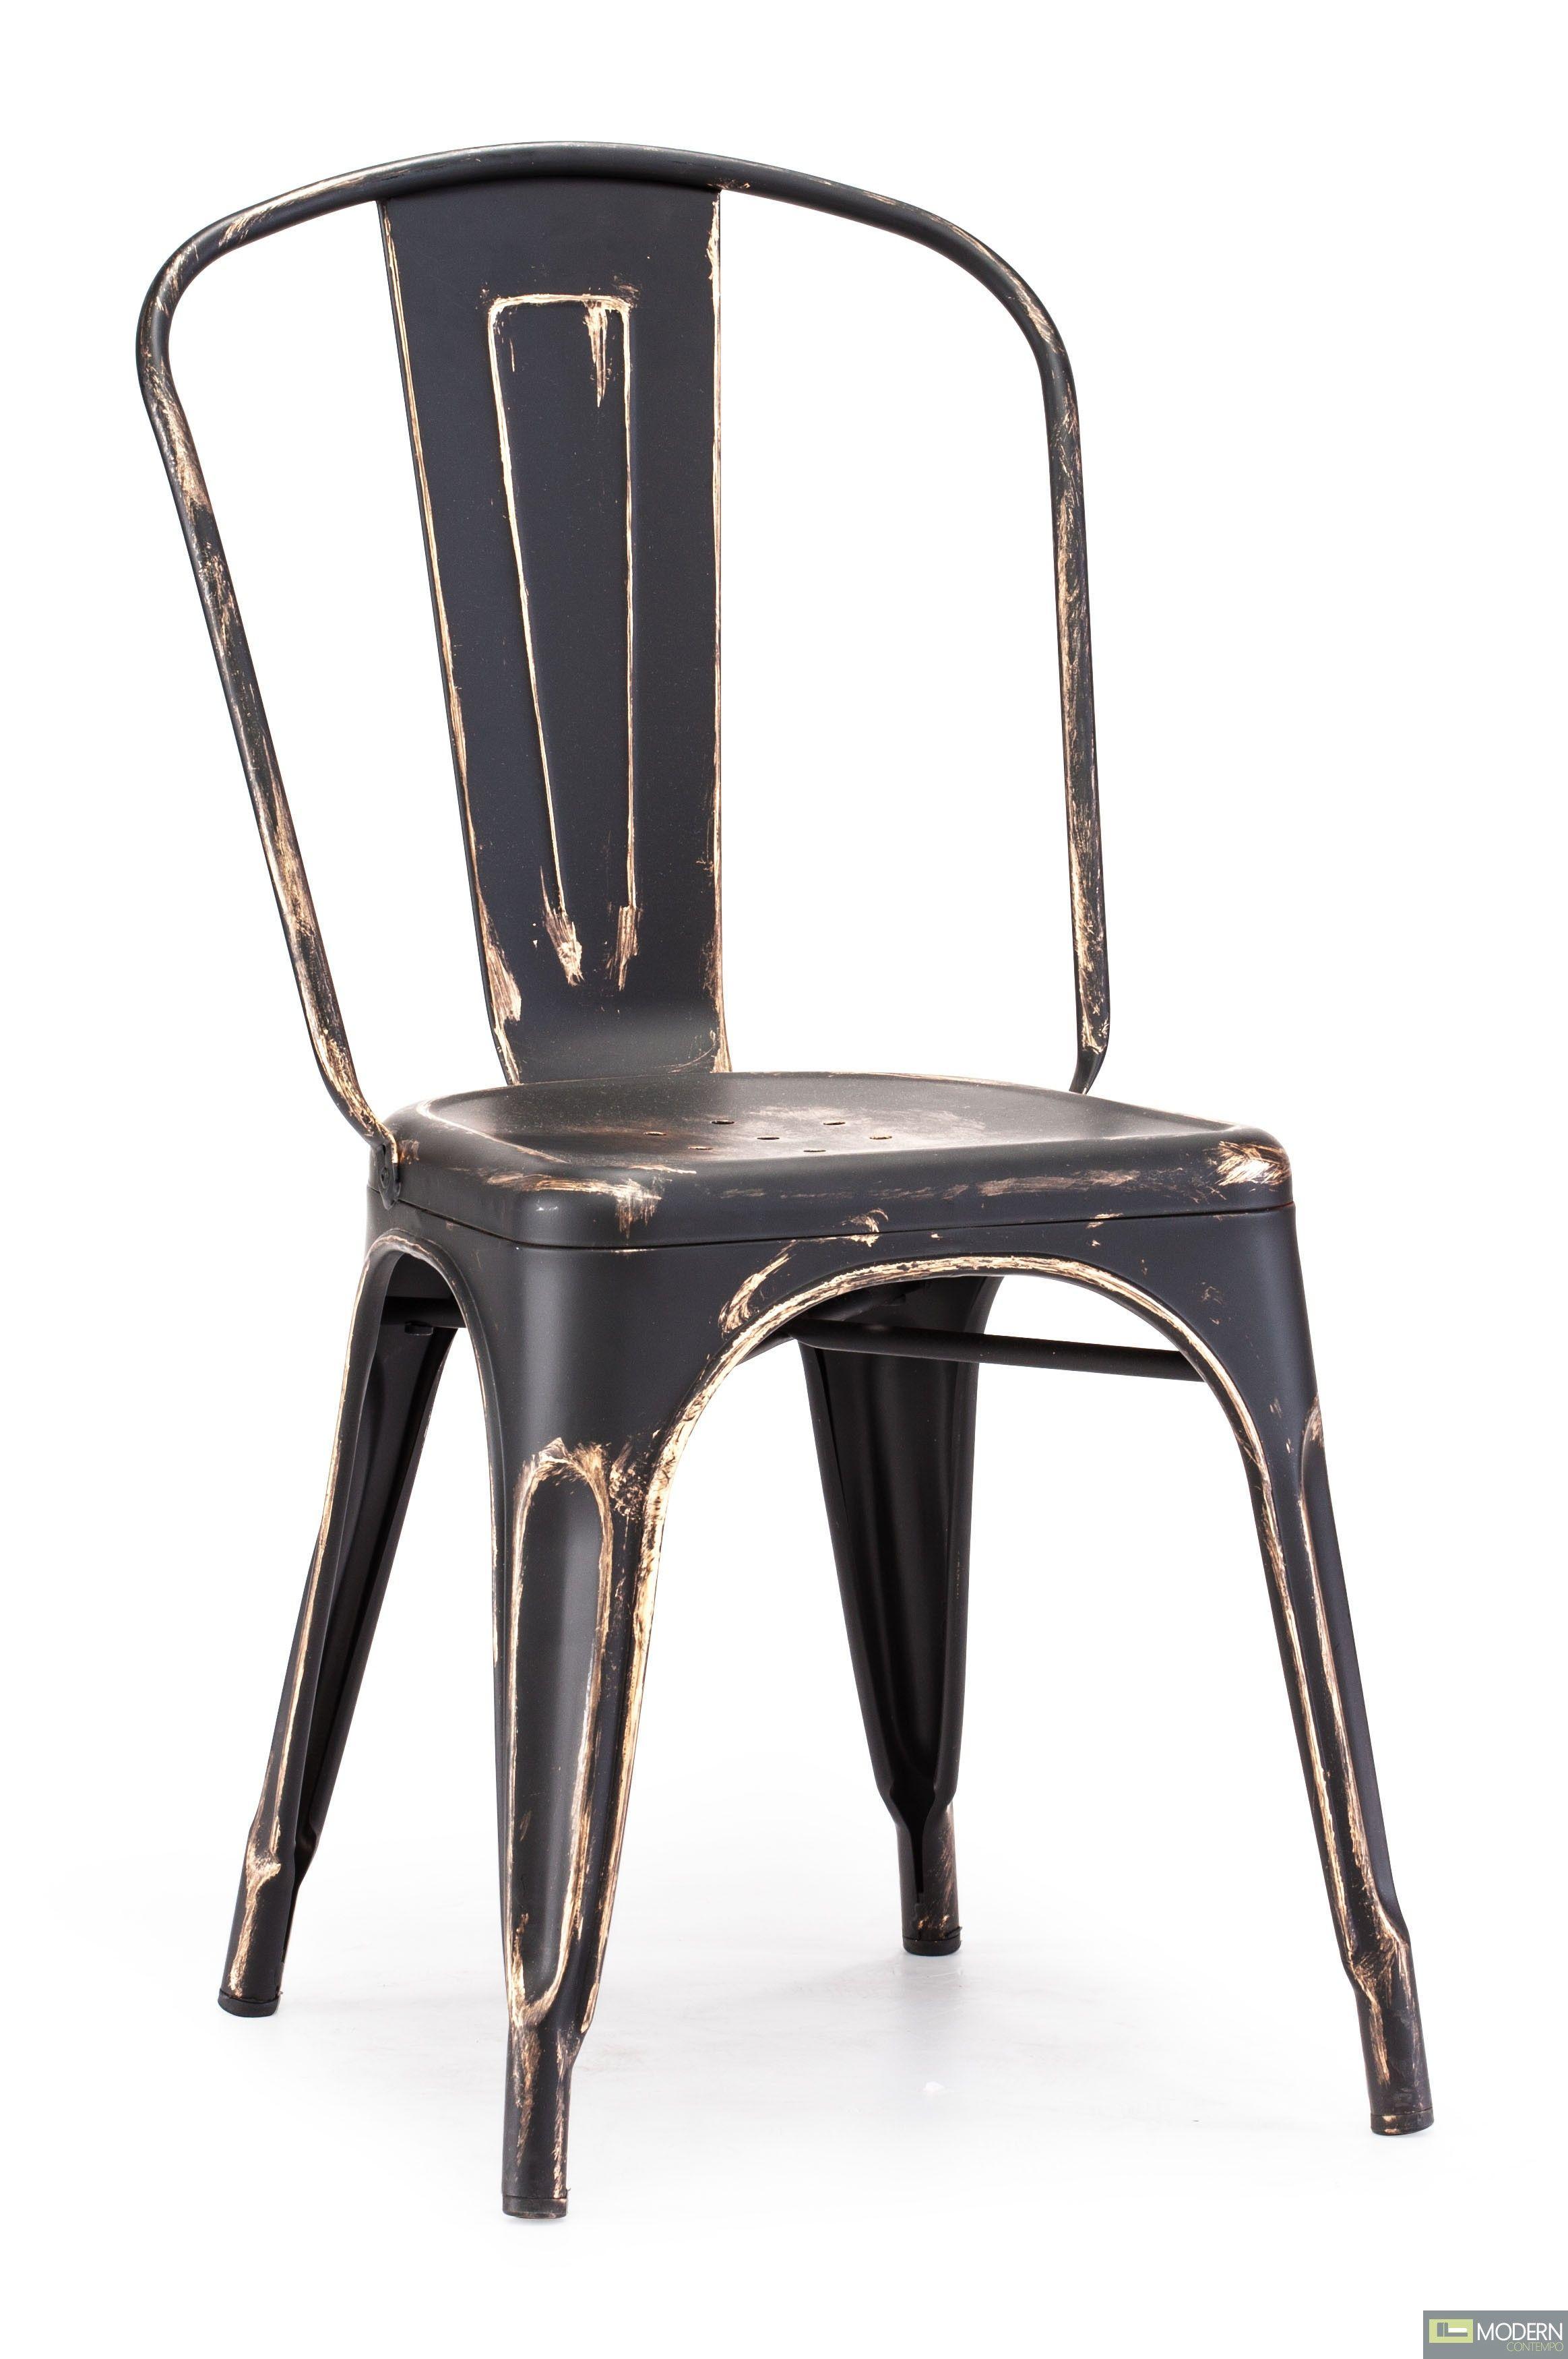 Elio Chair Antique Black Gold Metal Dining Chairs Dining Chairs Dining Chair Set